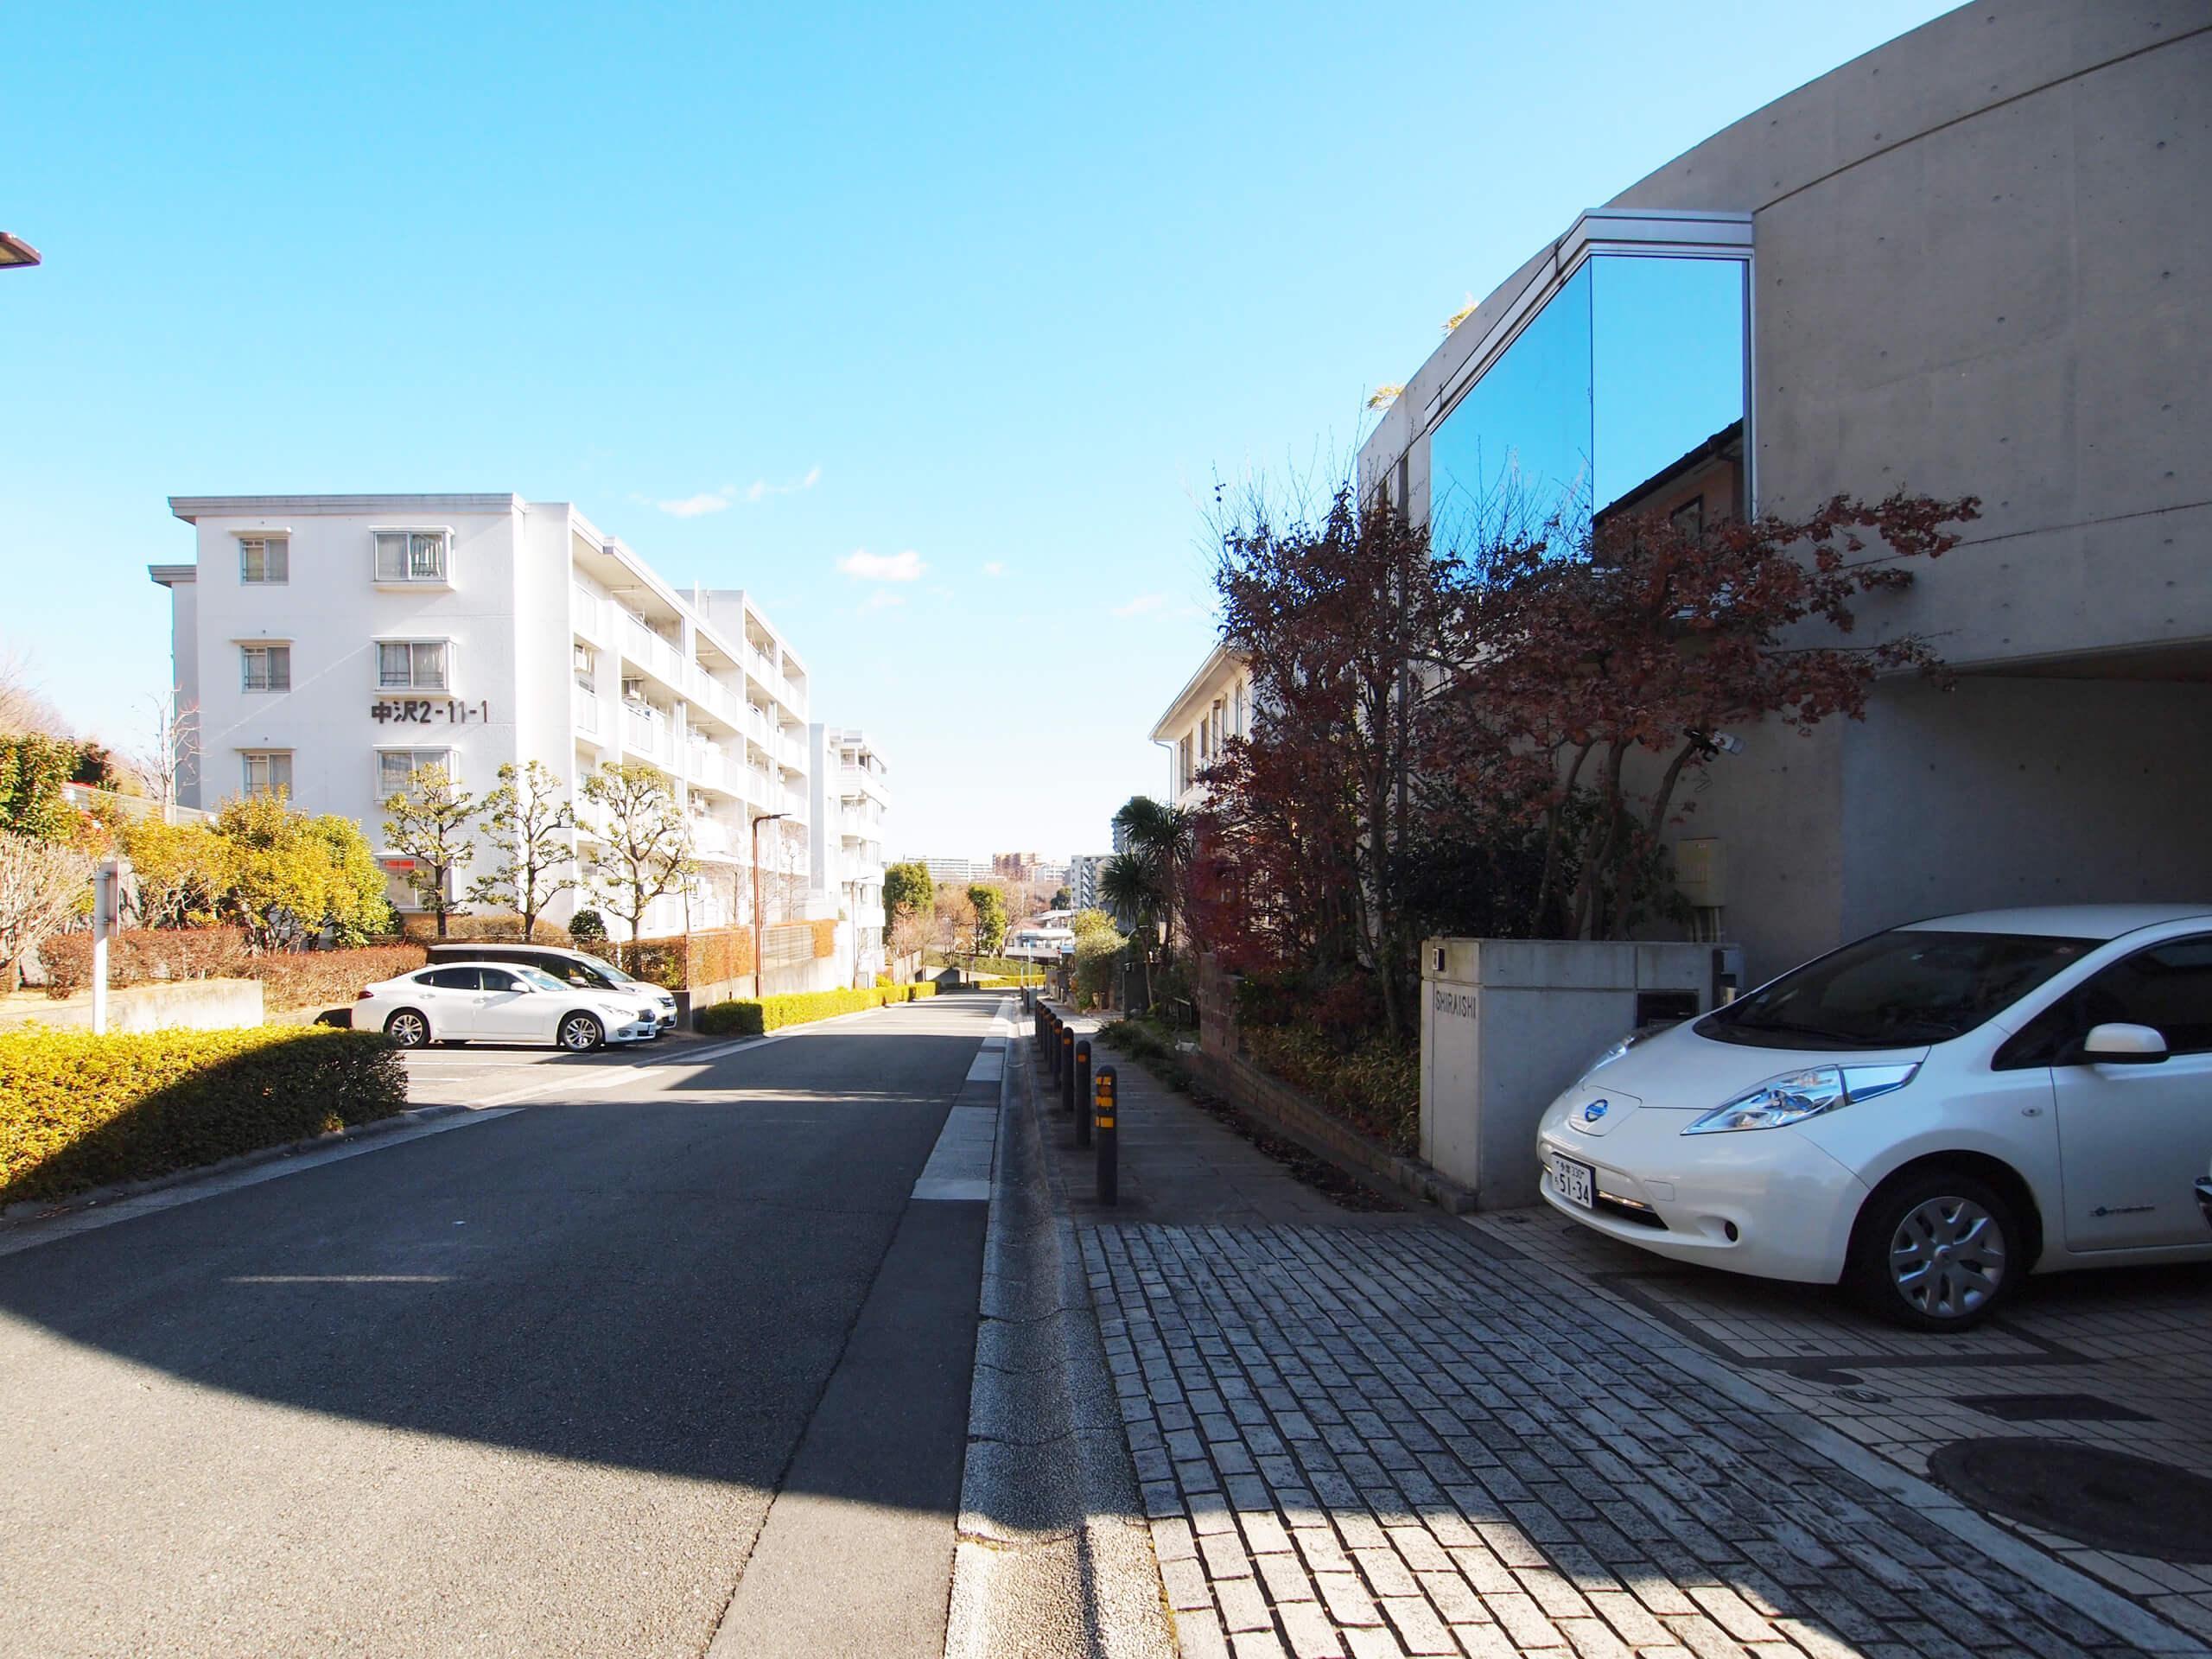 【外観】建物の外の通りは歩道もあり、道幅も広く歩きやすいつくり。都市計画によって電柱がない風景がつくられている